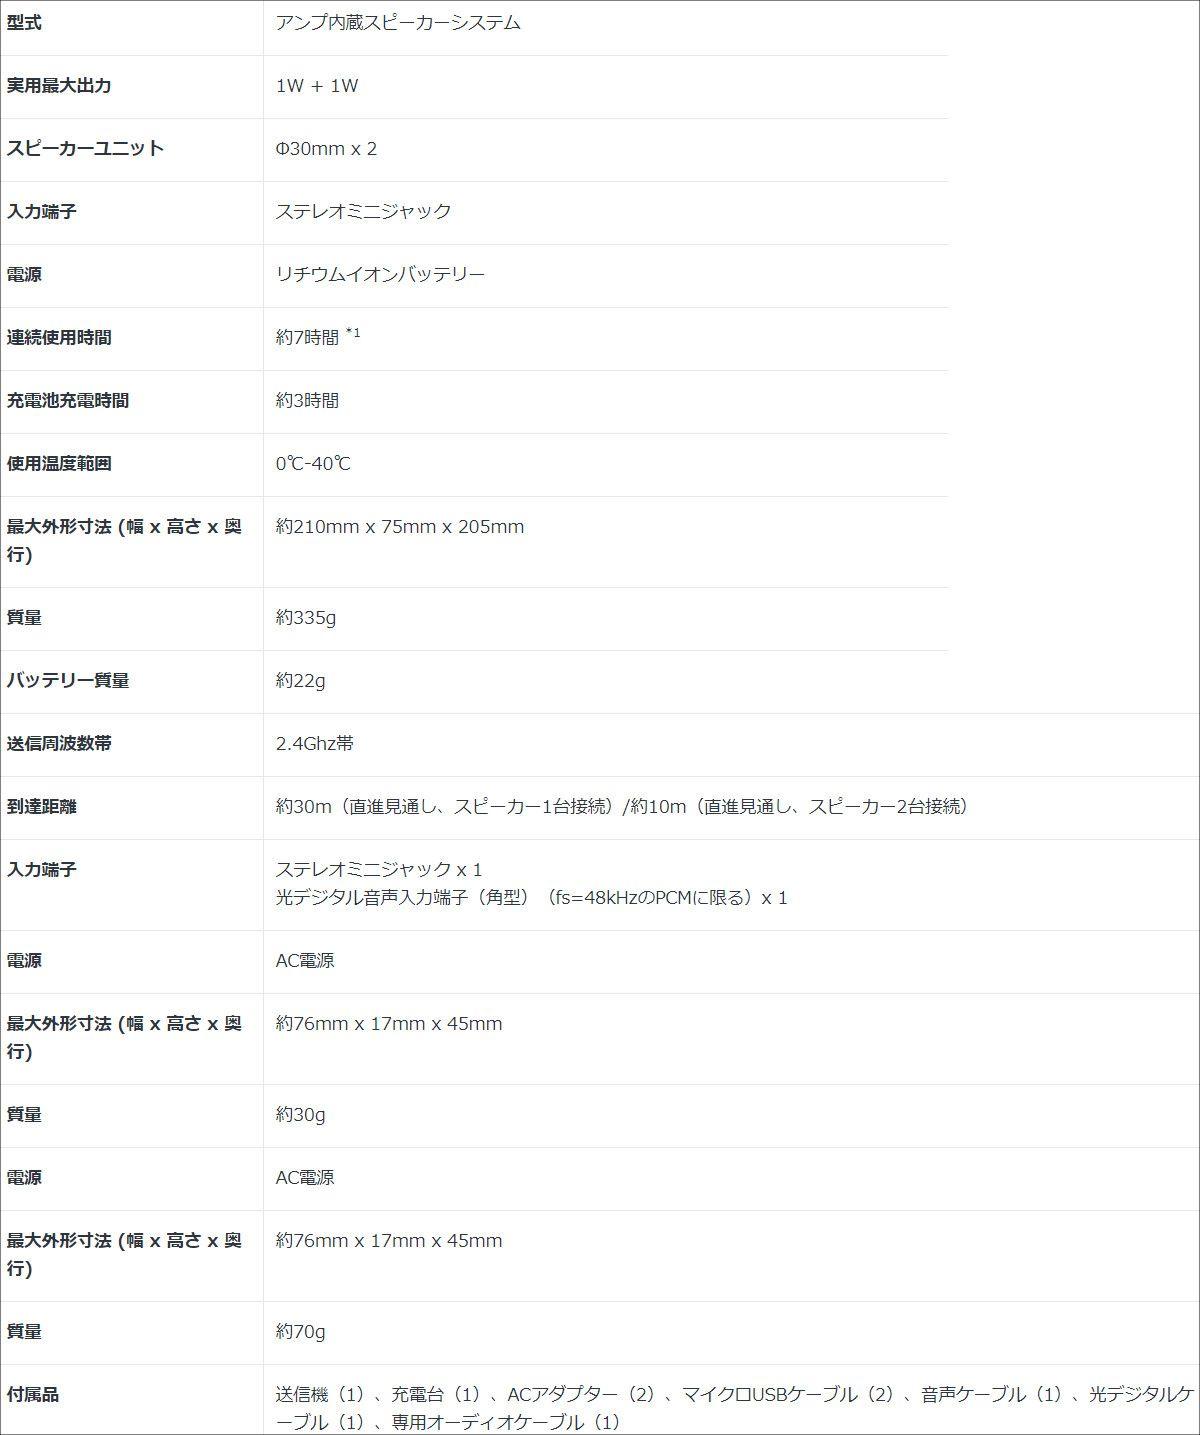 SONY ウェアラブルネックスピーカー SRS-WS1 スペック表